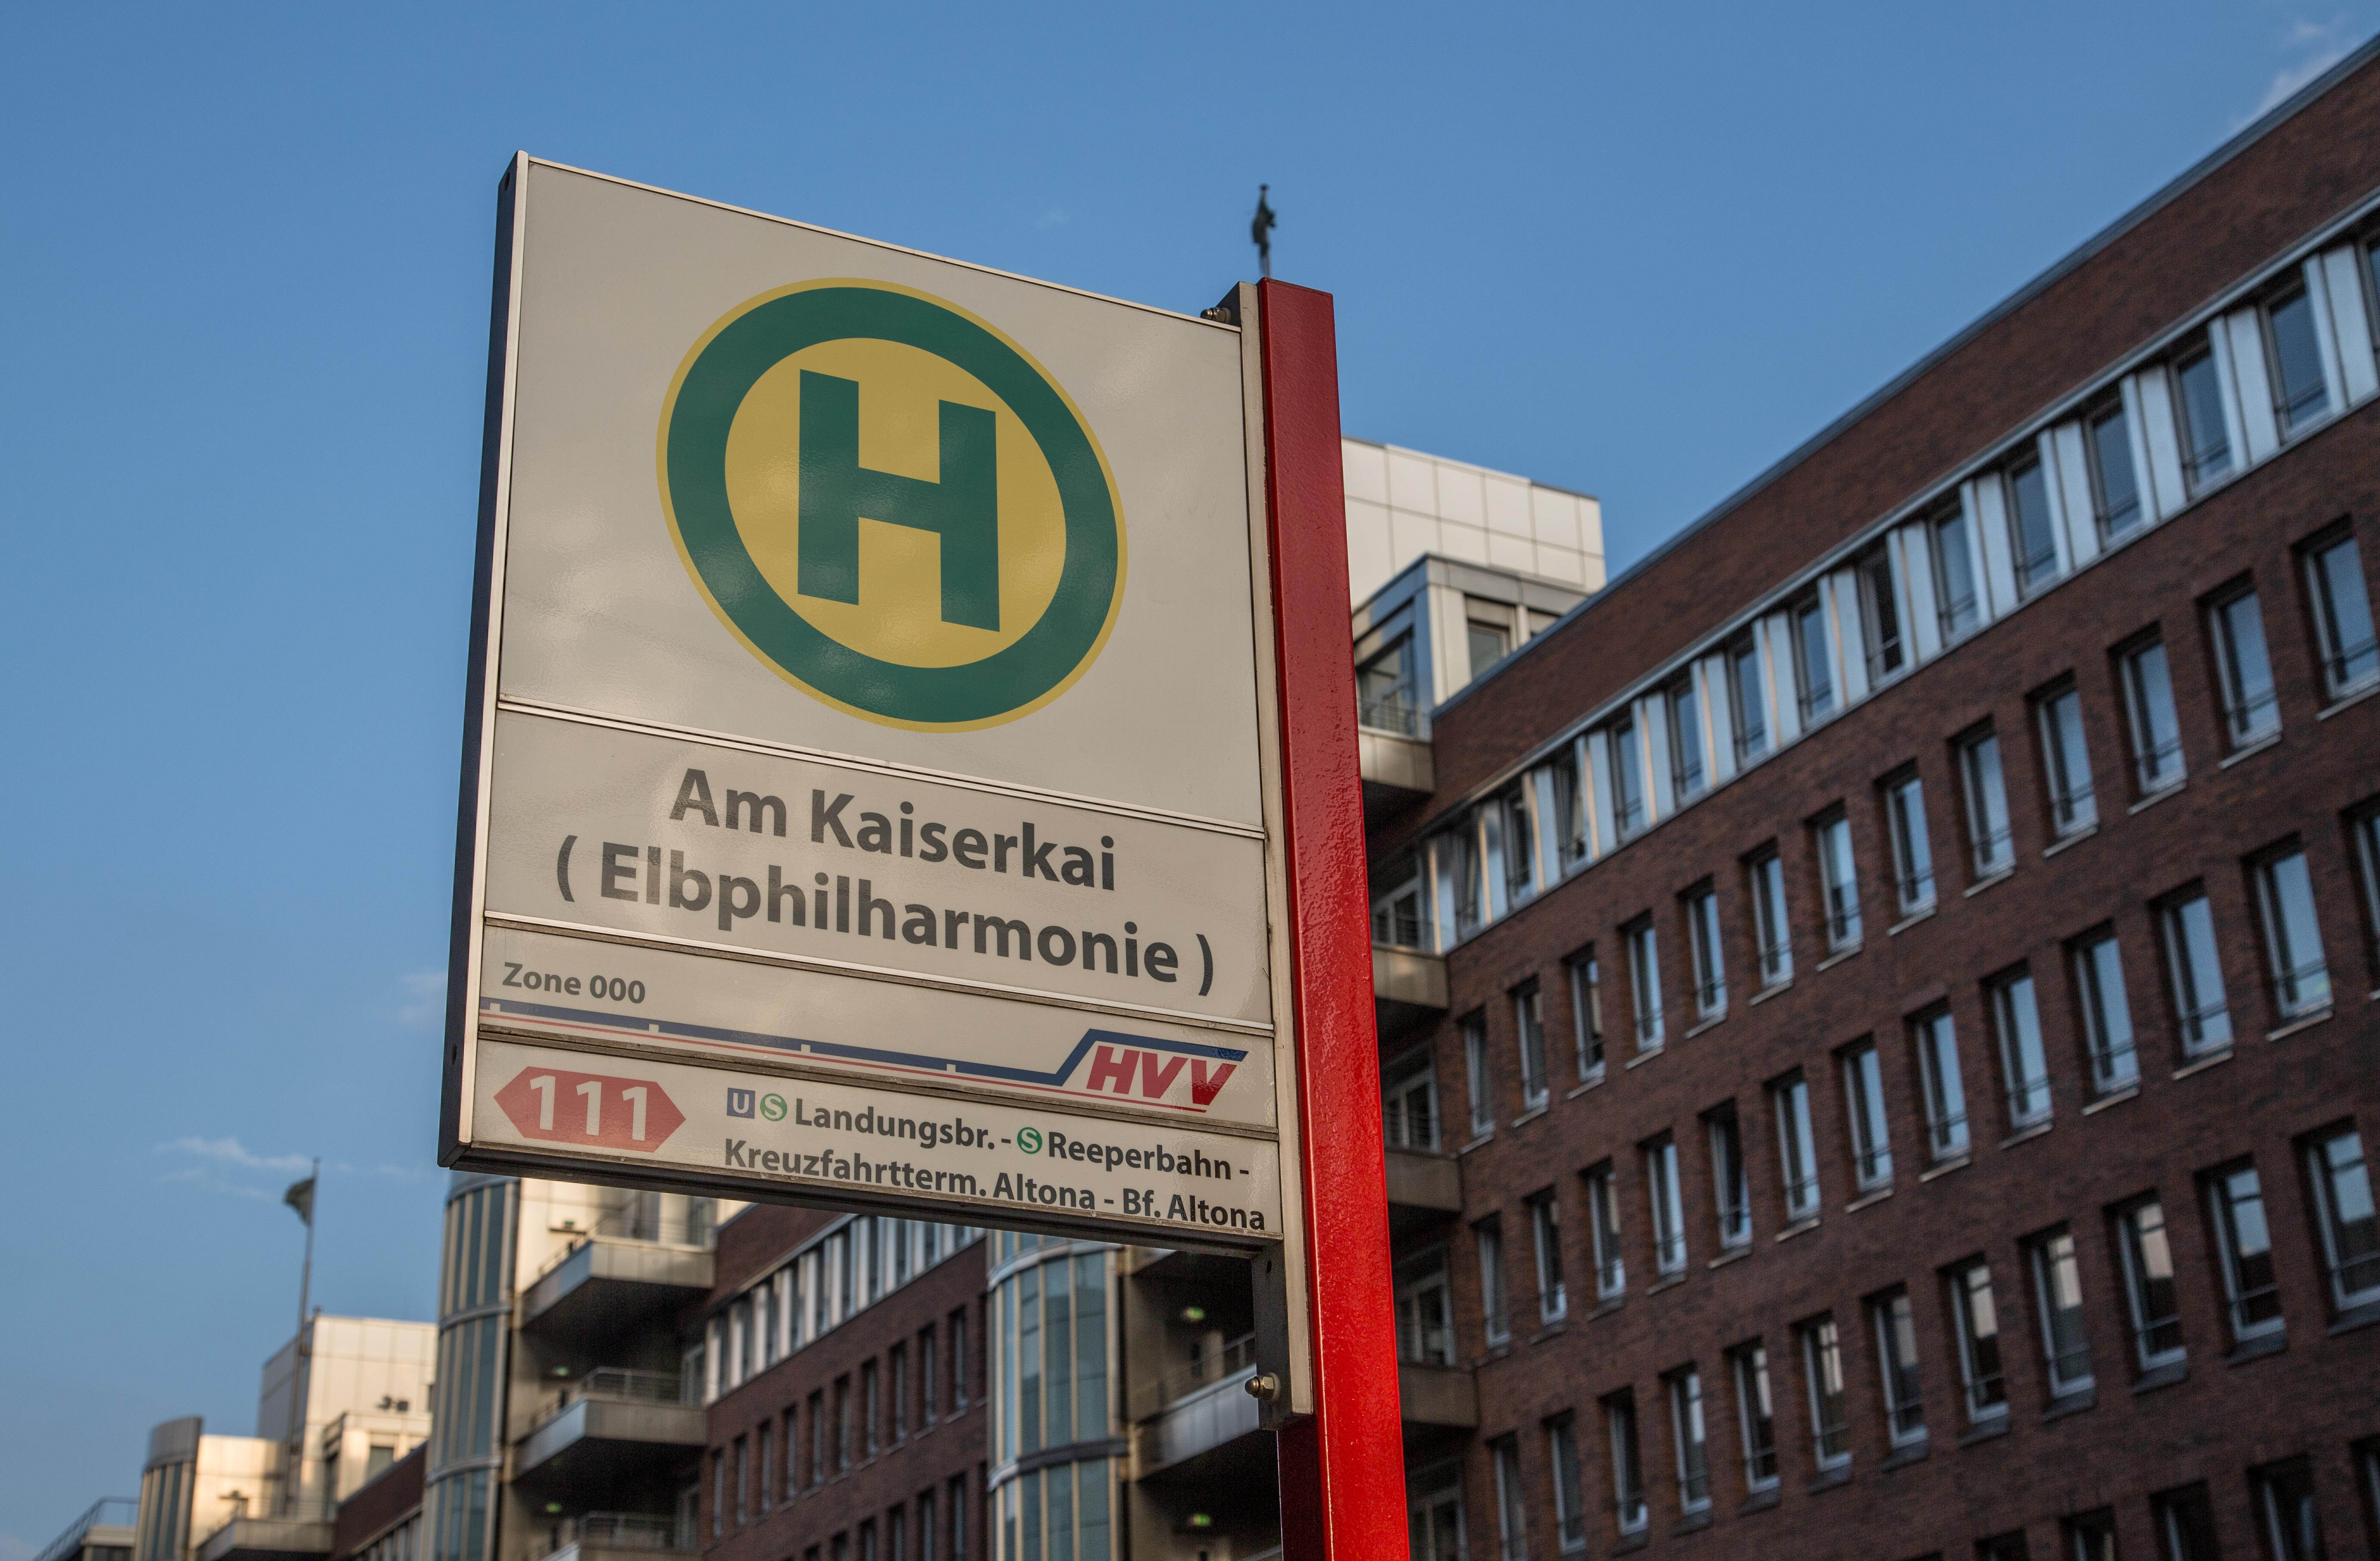 Bushaltestelle in der Nähe der Elbphilharmonie